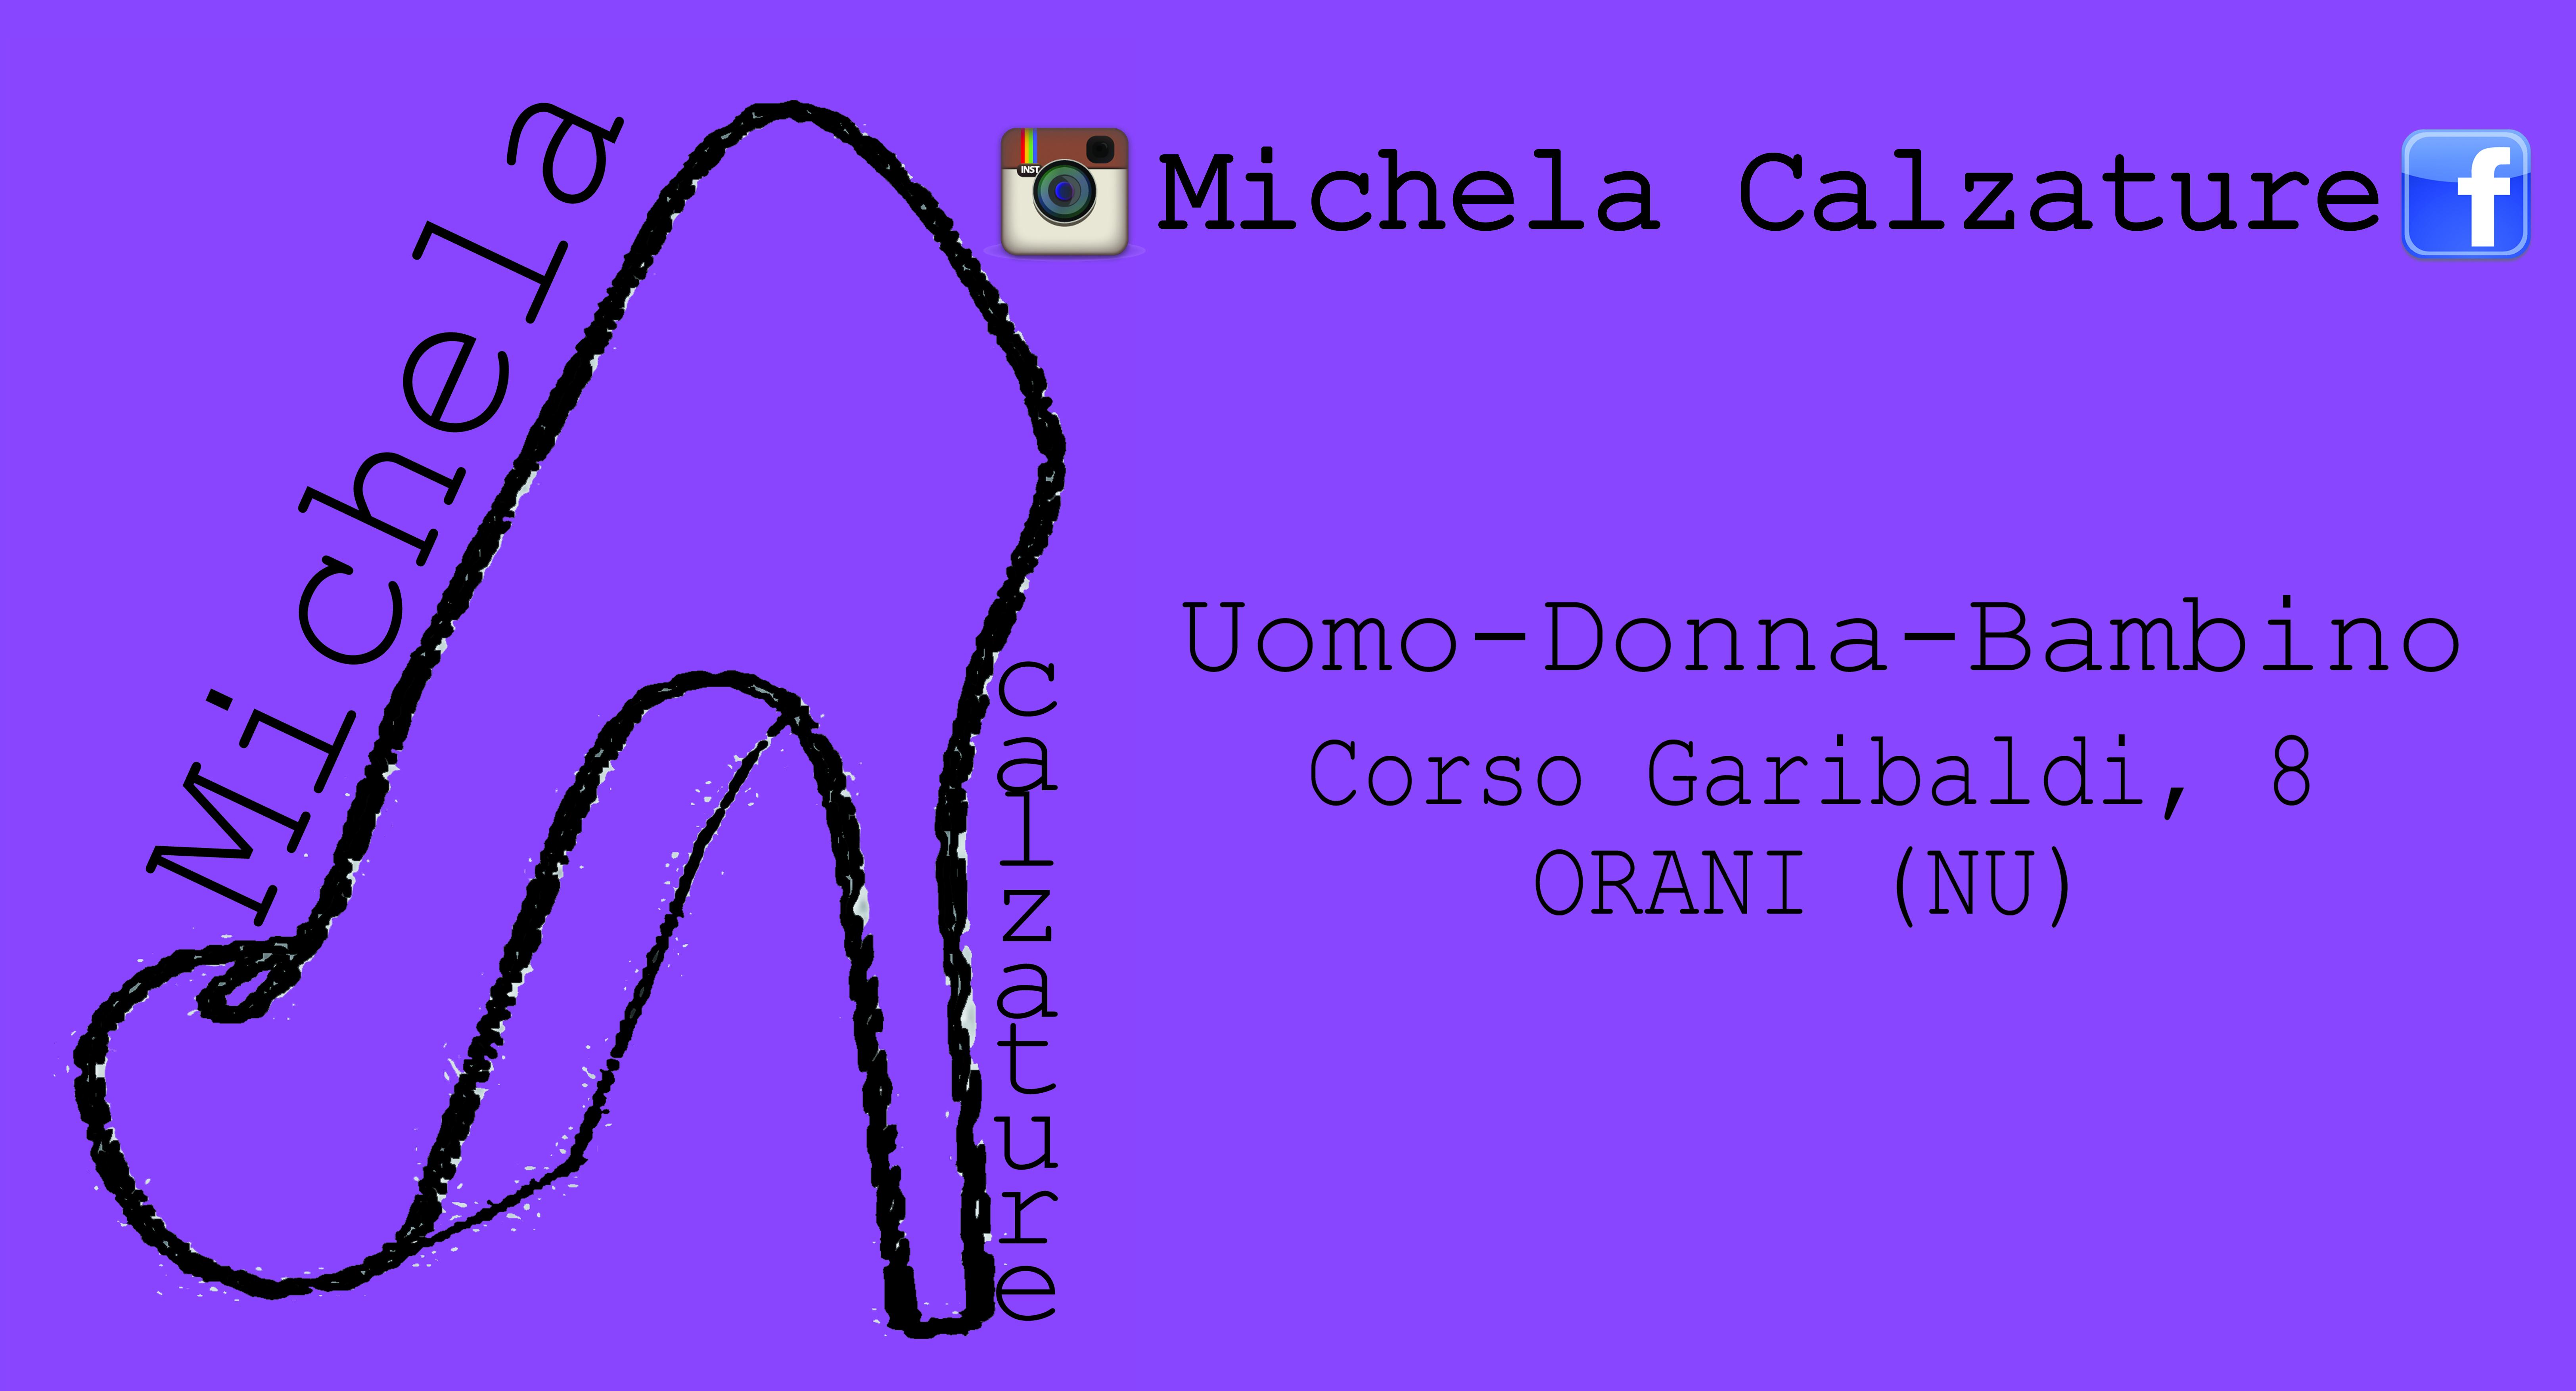 logo Michela calzature